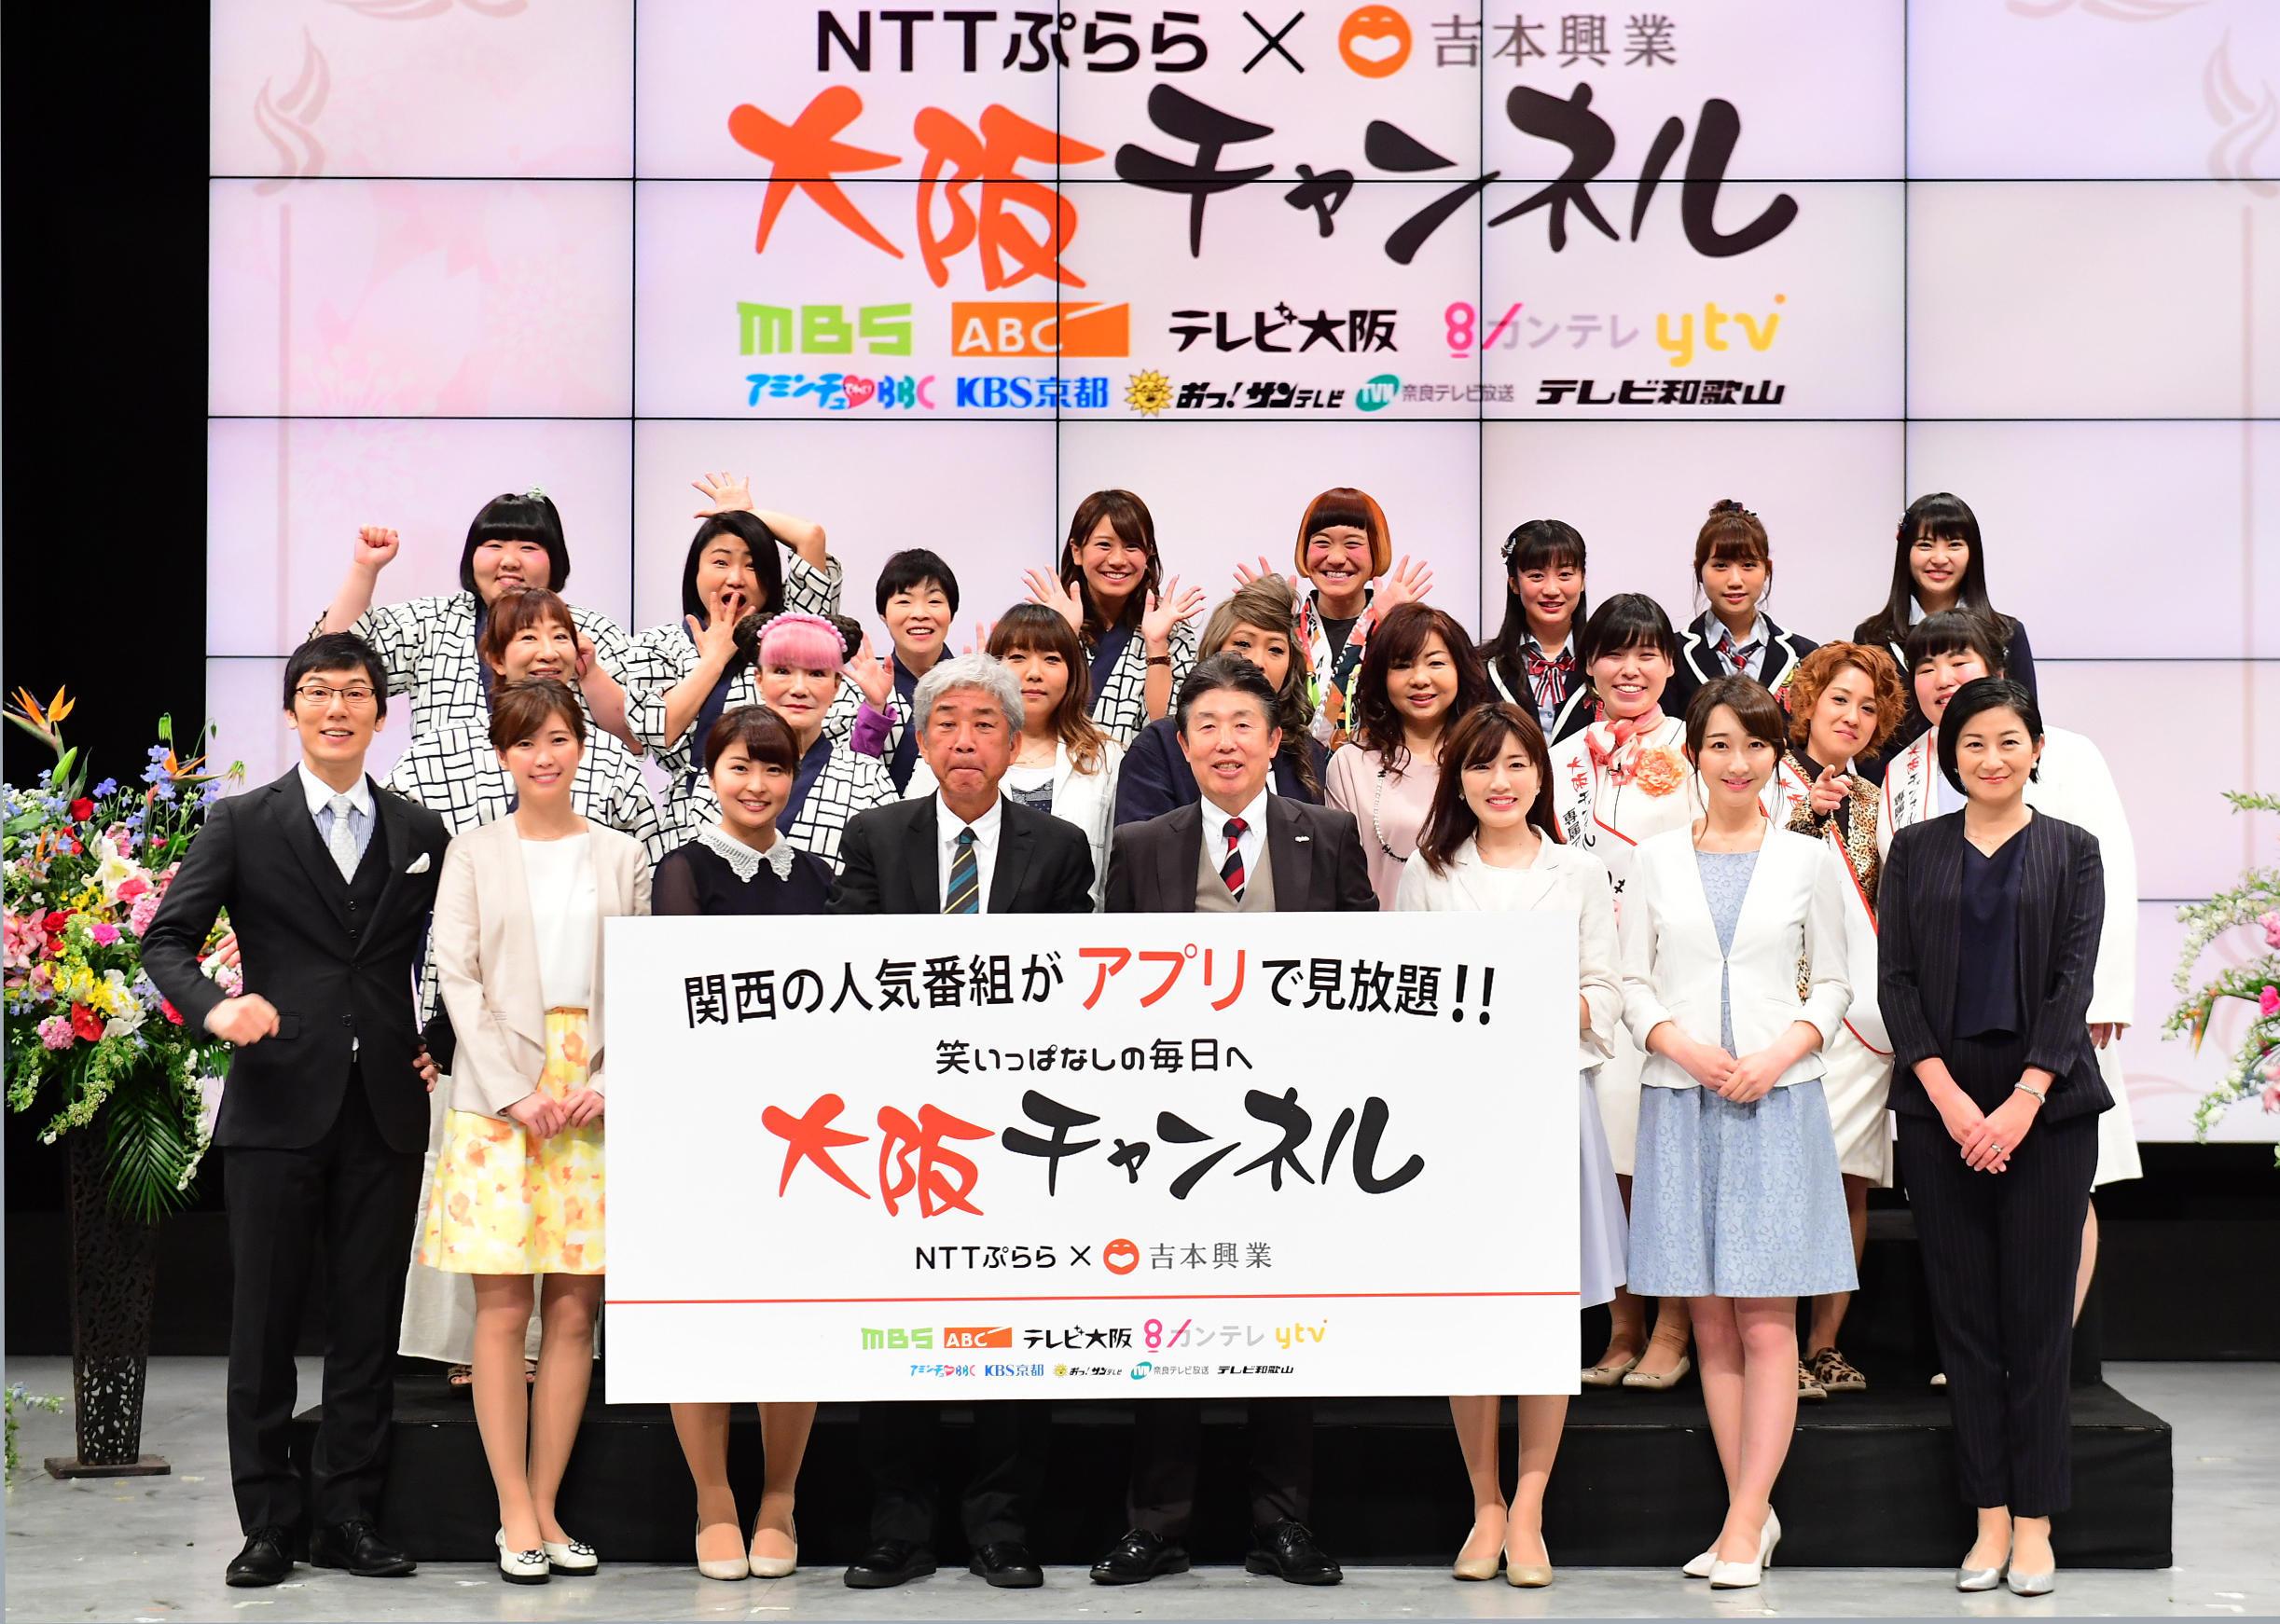 http://news.yoshimoto.co.jp/20170425161415-d1849d4eb151a3da90e00d0d9925e458e9b1bda5.jpg